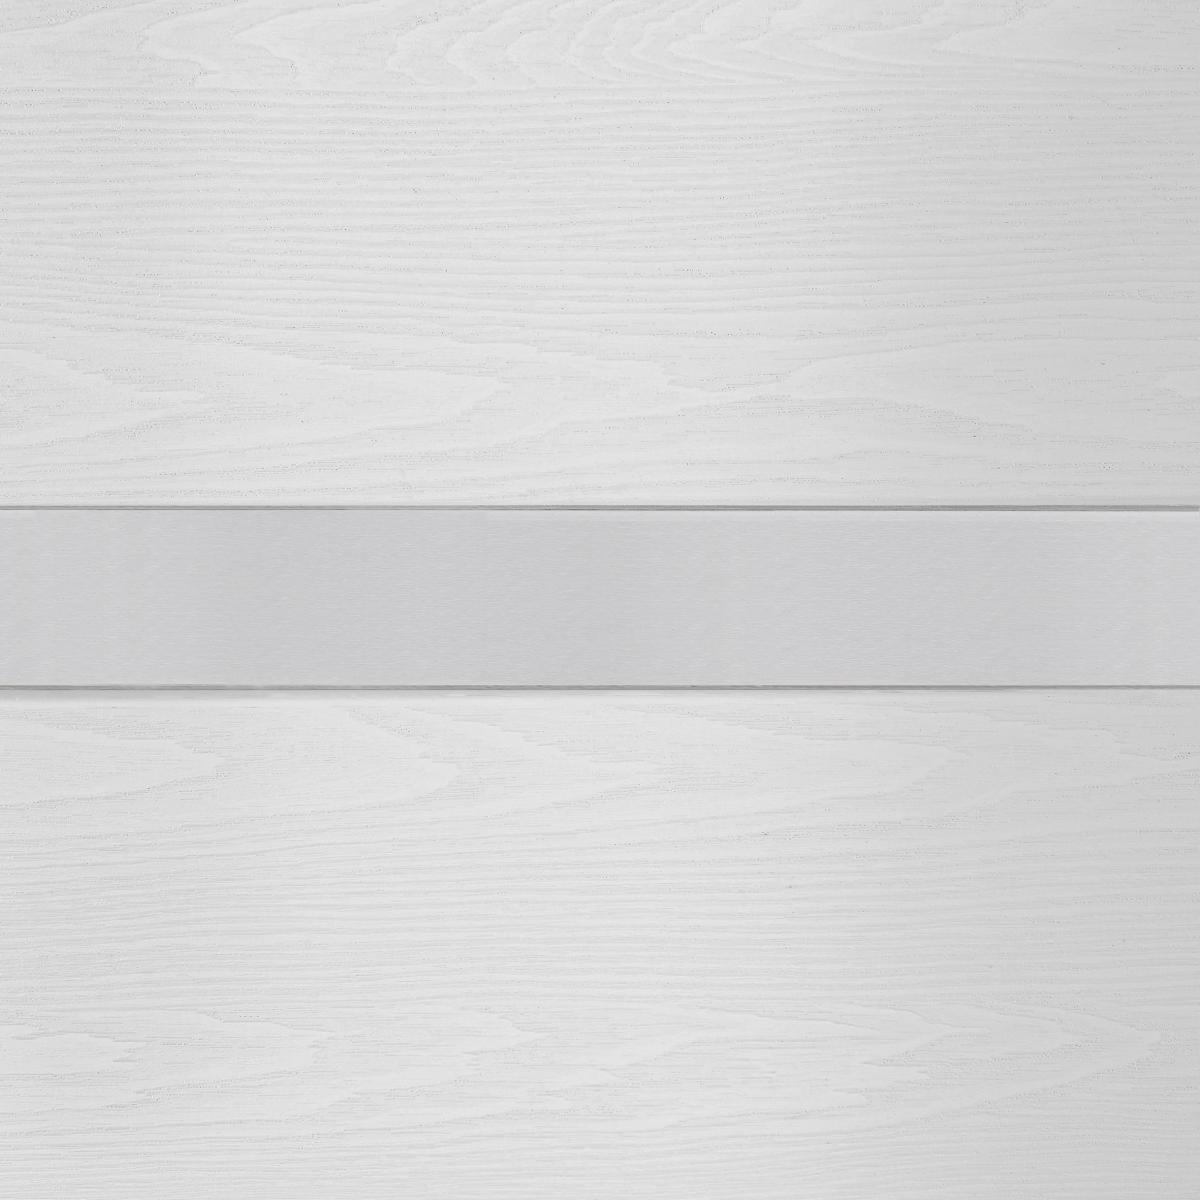 Дверь Межкомнатная Глухая С Замком В Комплекте Белиз 70x200 Пвх Цвет Дуб Белый